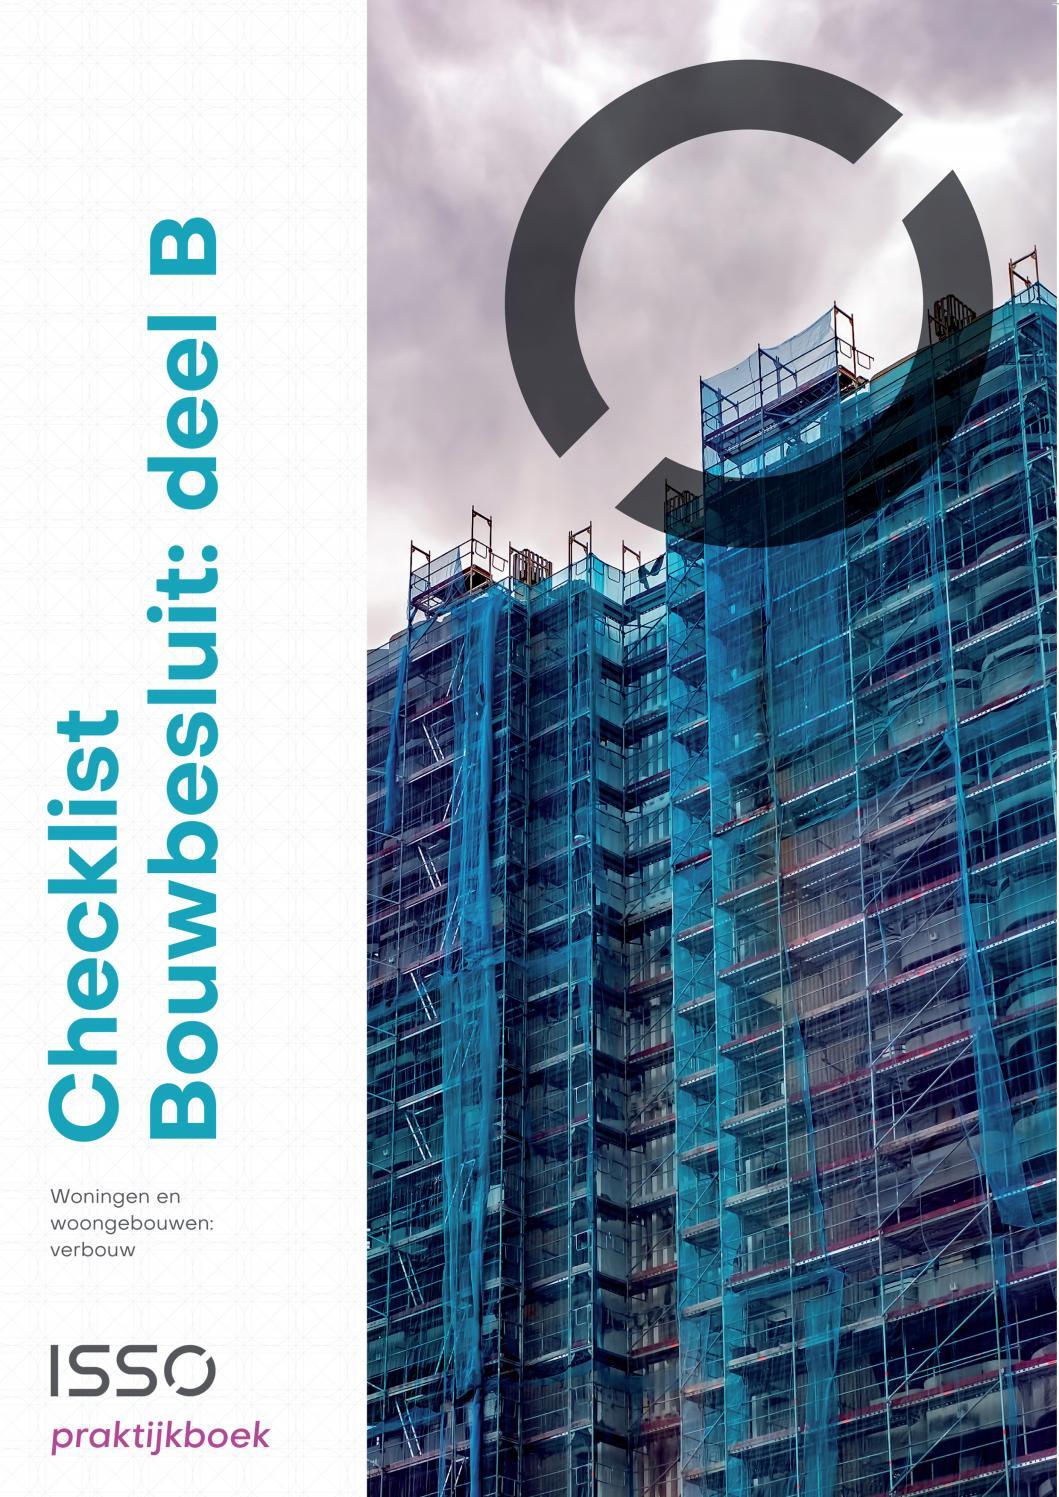 Praktijkboek Checklist Bouwbesluit B 2019 By Stichting Isso Issuu